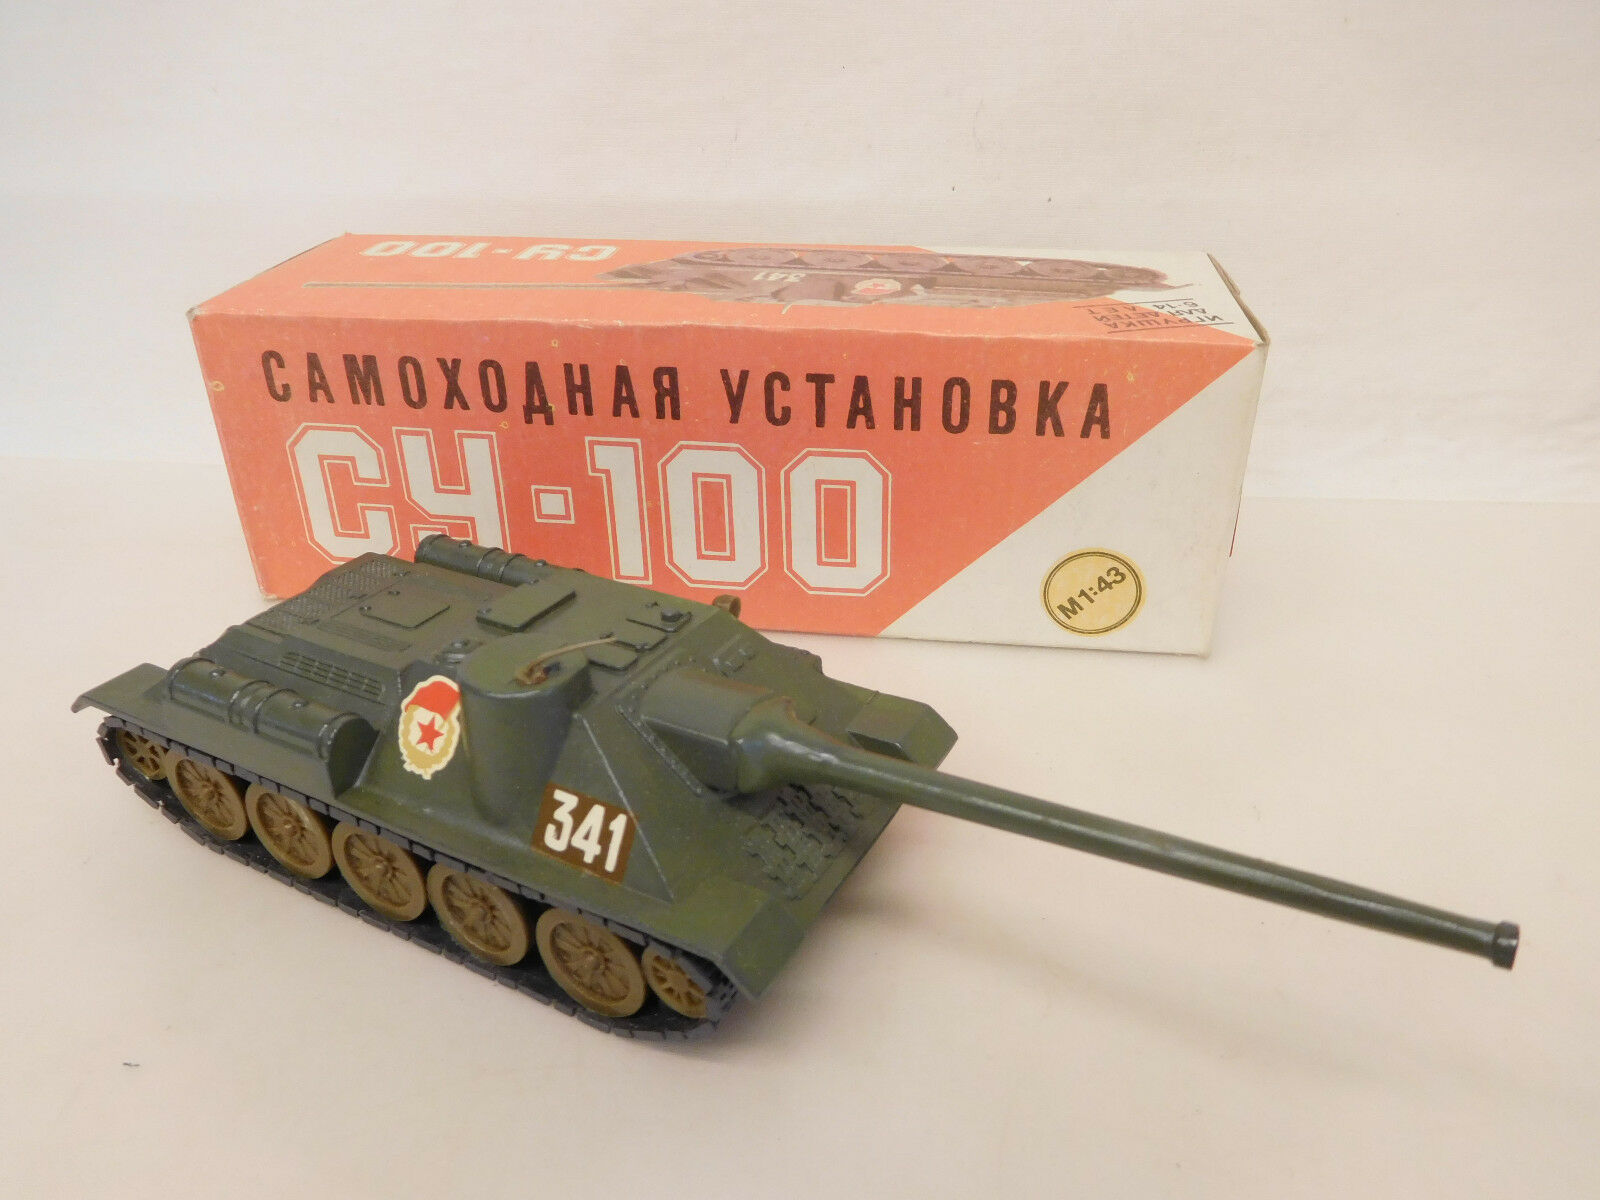 consegna gratuita e veloce disponibile Esf-02173 URSS Russia autori armati su-100, 1 43, mettuttio, mettuttio, mettuttio, buono stato  risparmiare fino all'80%